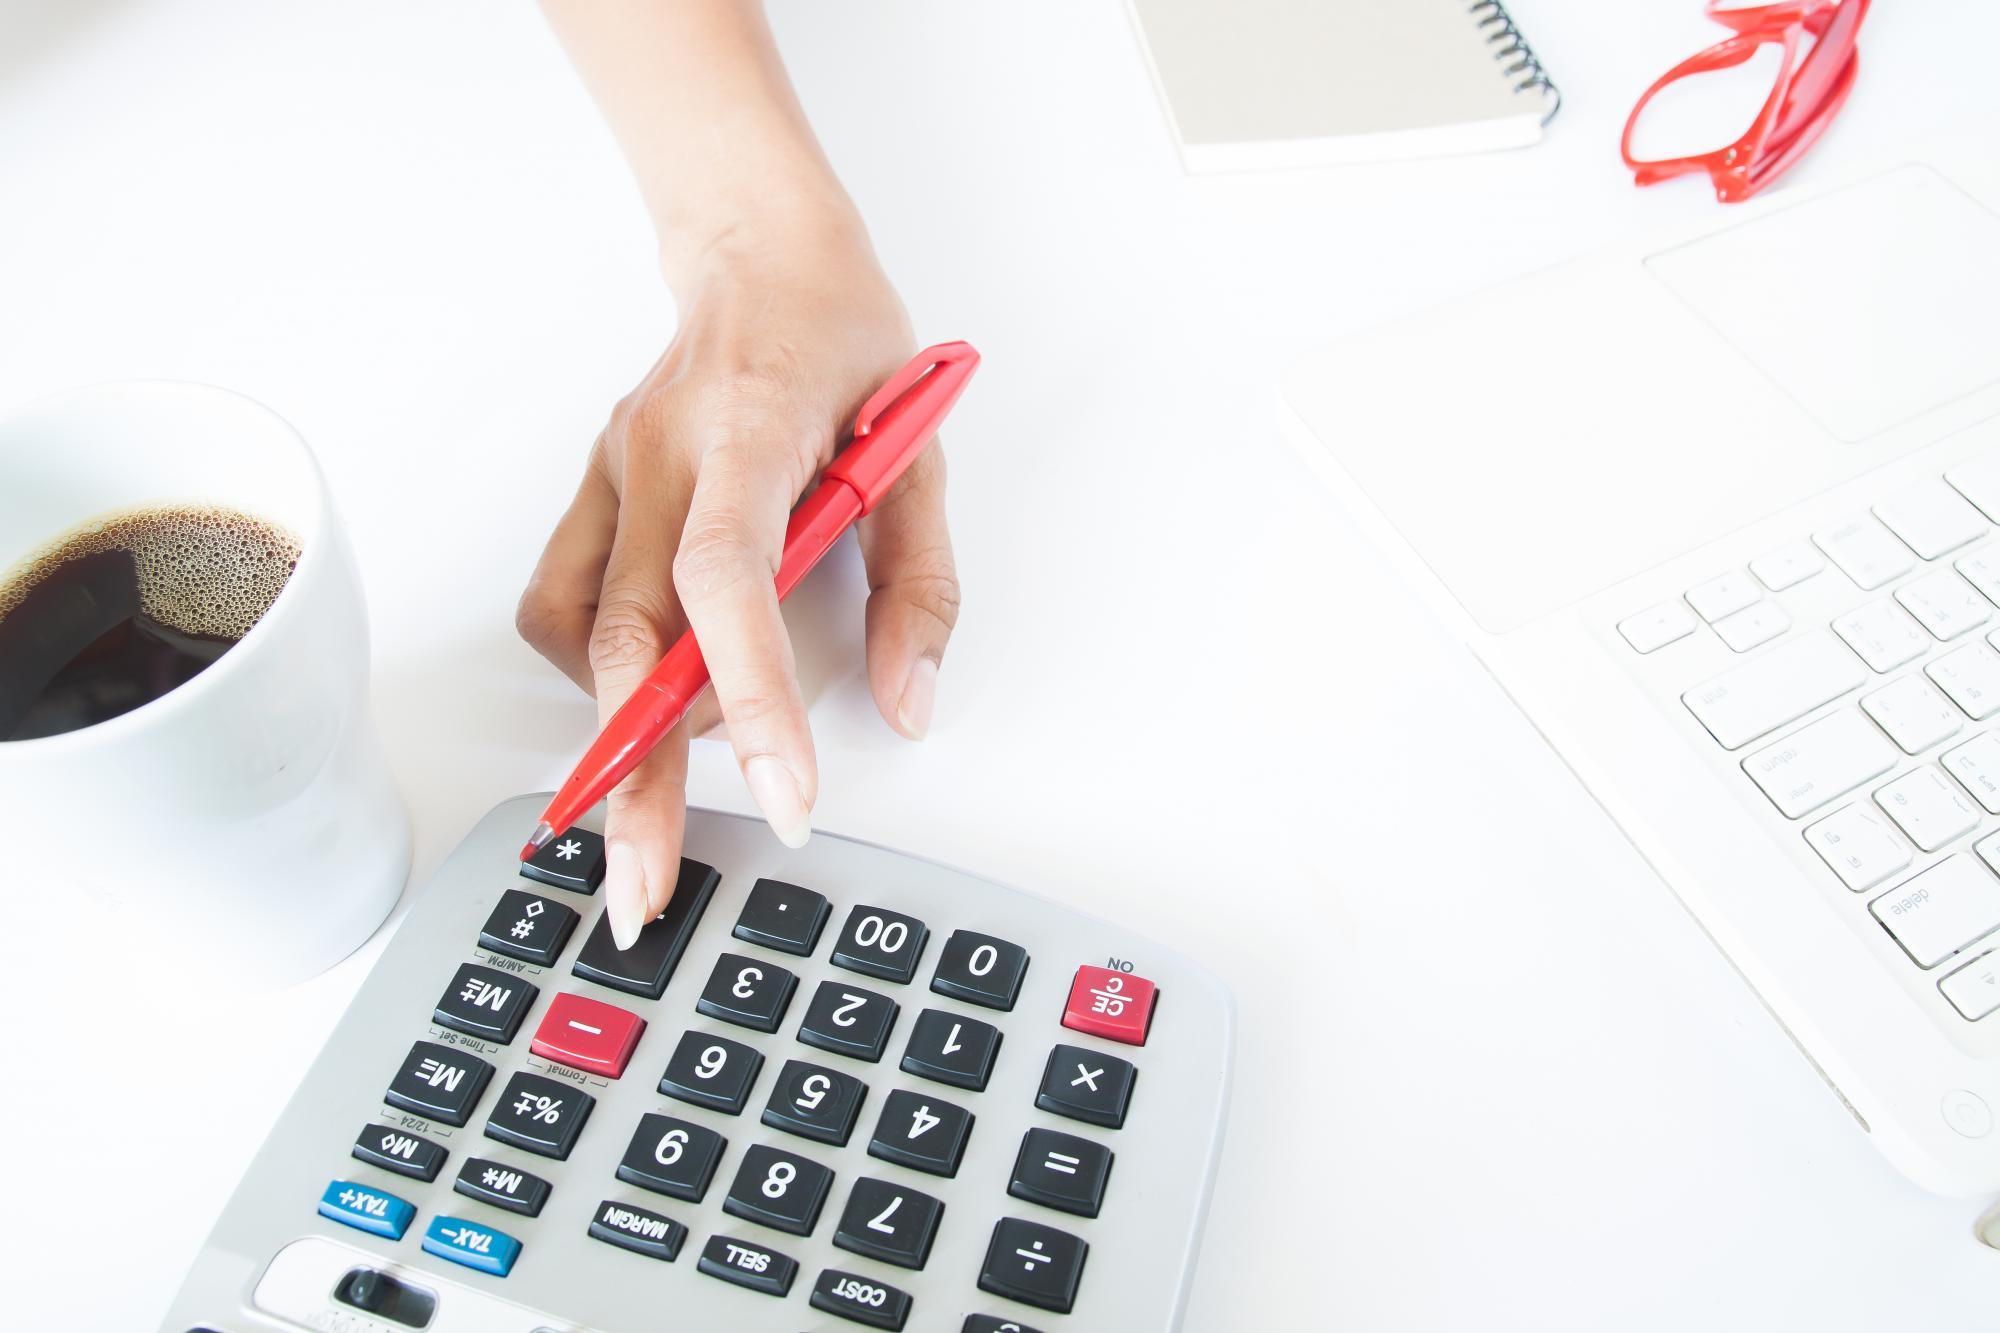 Некоммерческие организации смогут применять упрощенные формы бухгалтерской отчетности